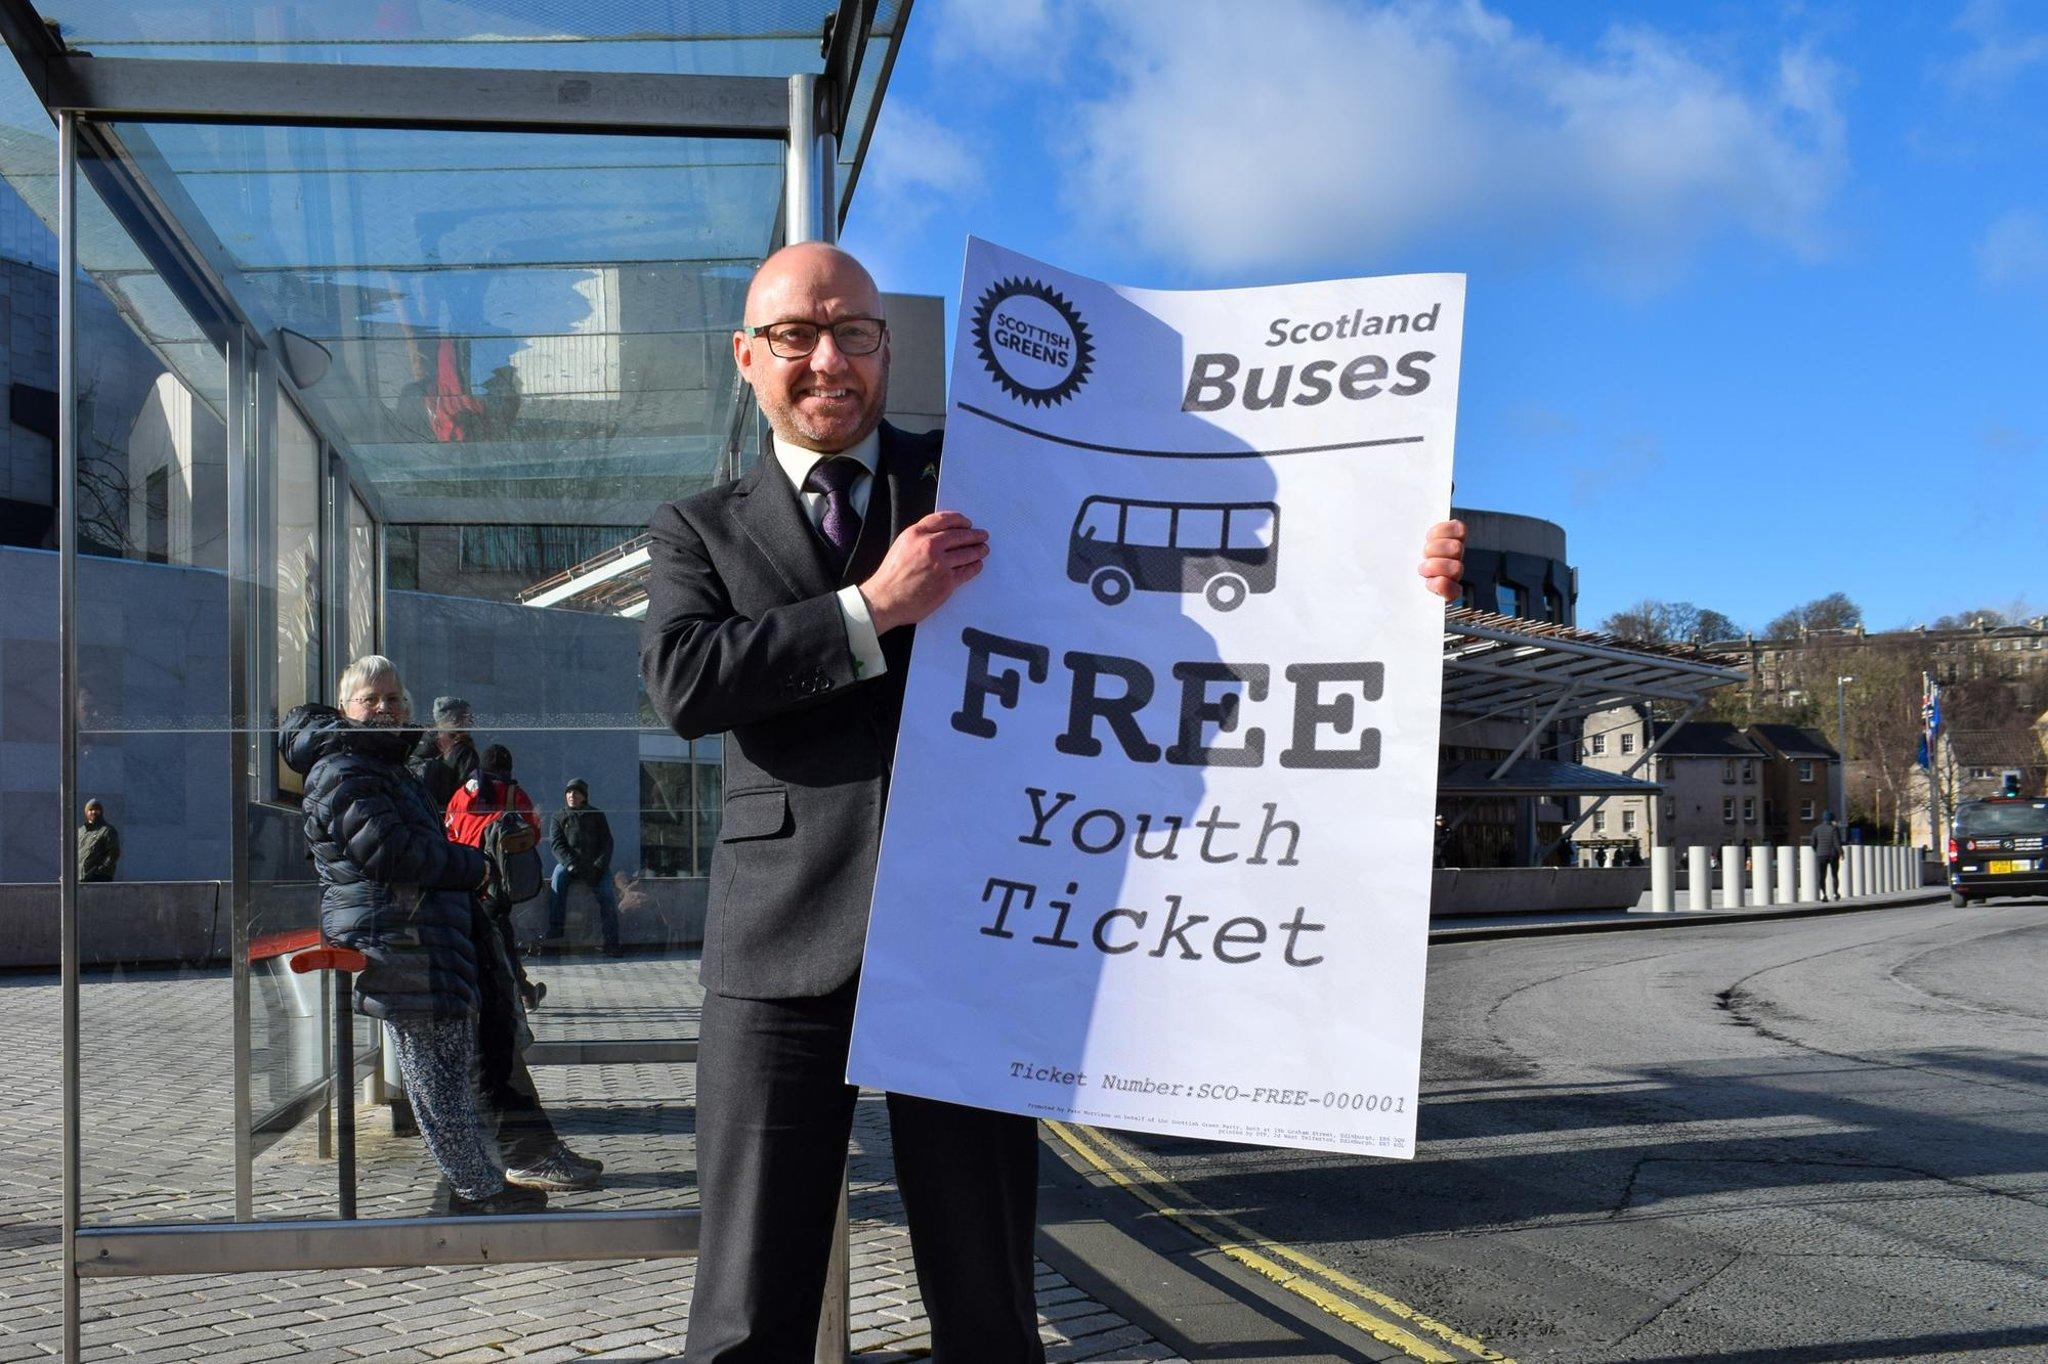 Scottish Greens Perjalanan bus gratis untuk anak-anak muda Skotlandia di bawah 22 skema ditetapkan untuk menyelesaikan rintangan terakhir